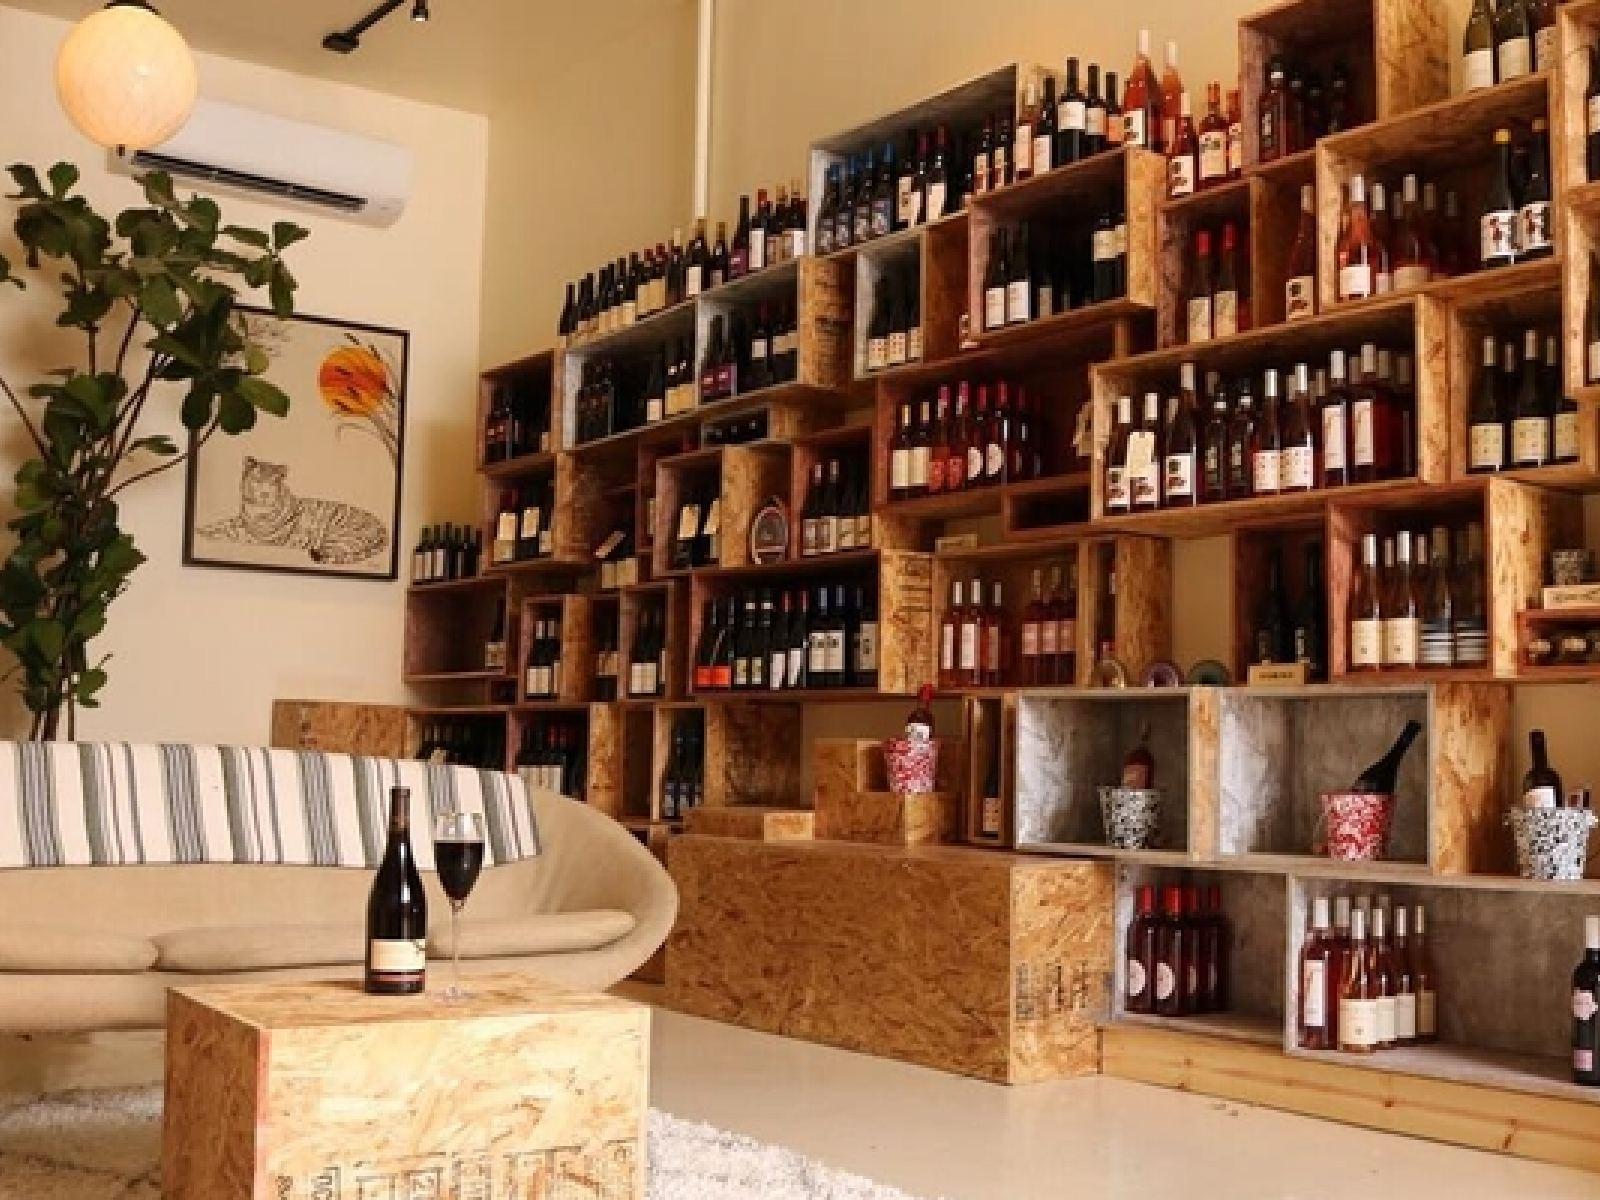 Main image for guide titled Dégustations de vin chez les cavistes de L.A